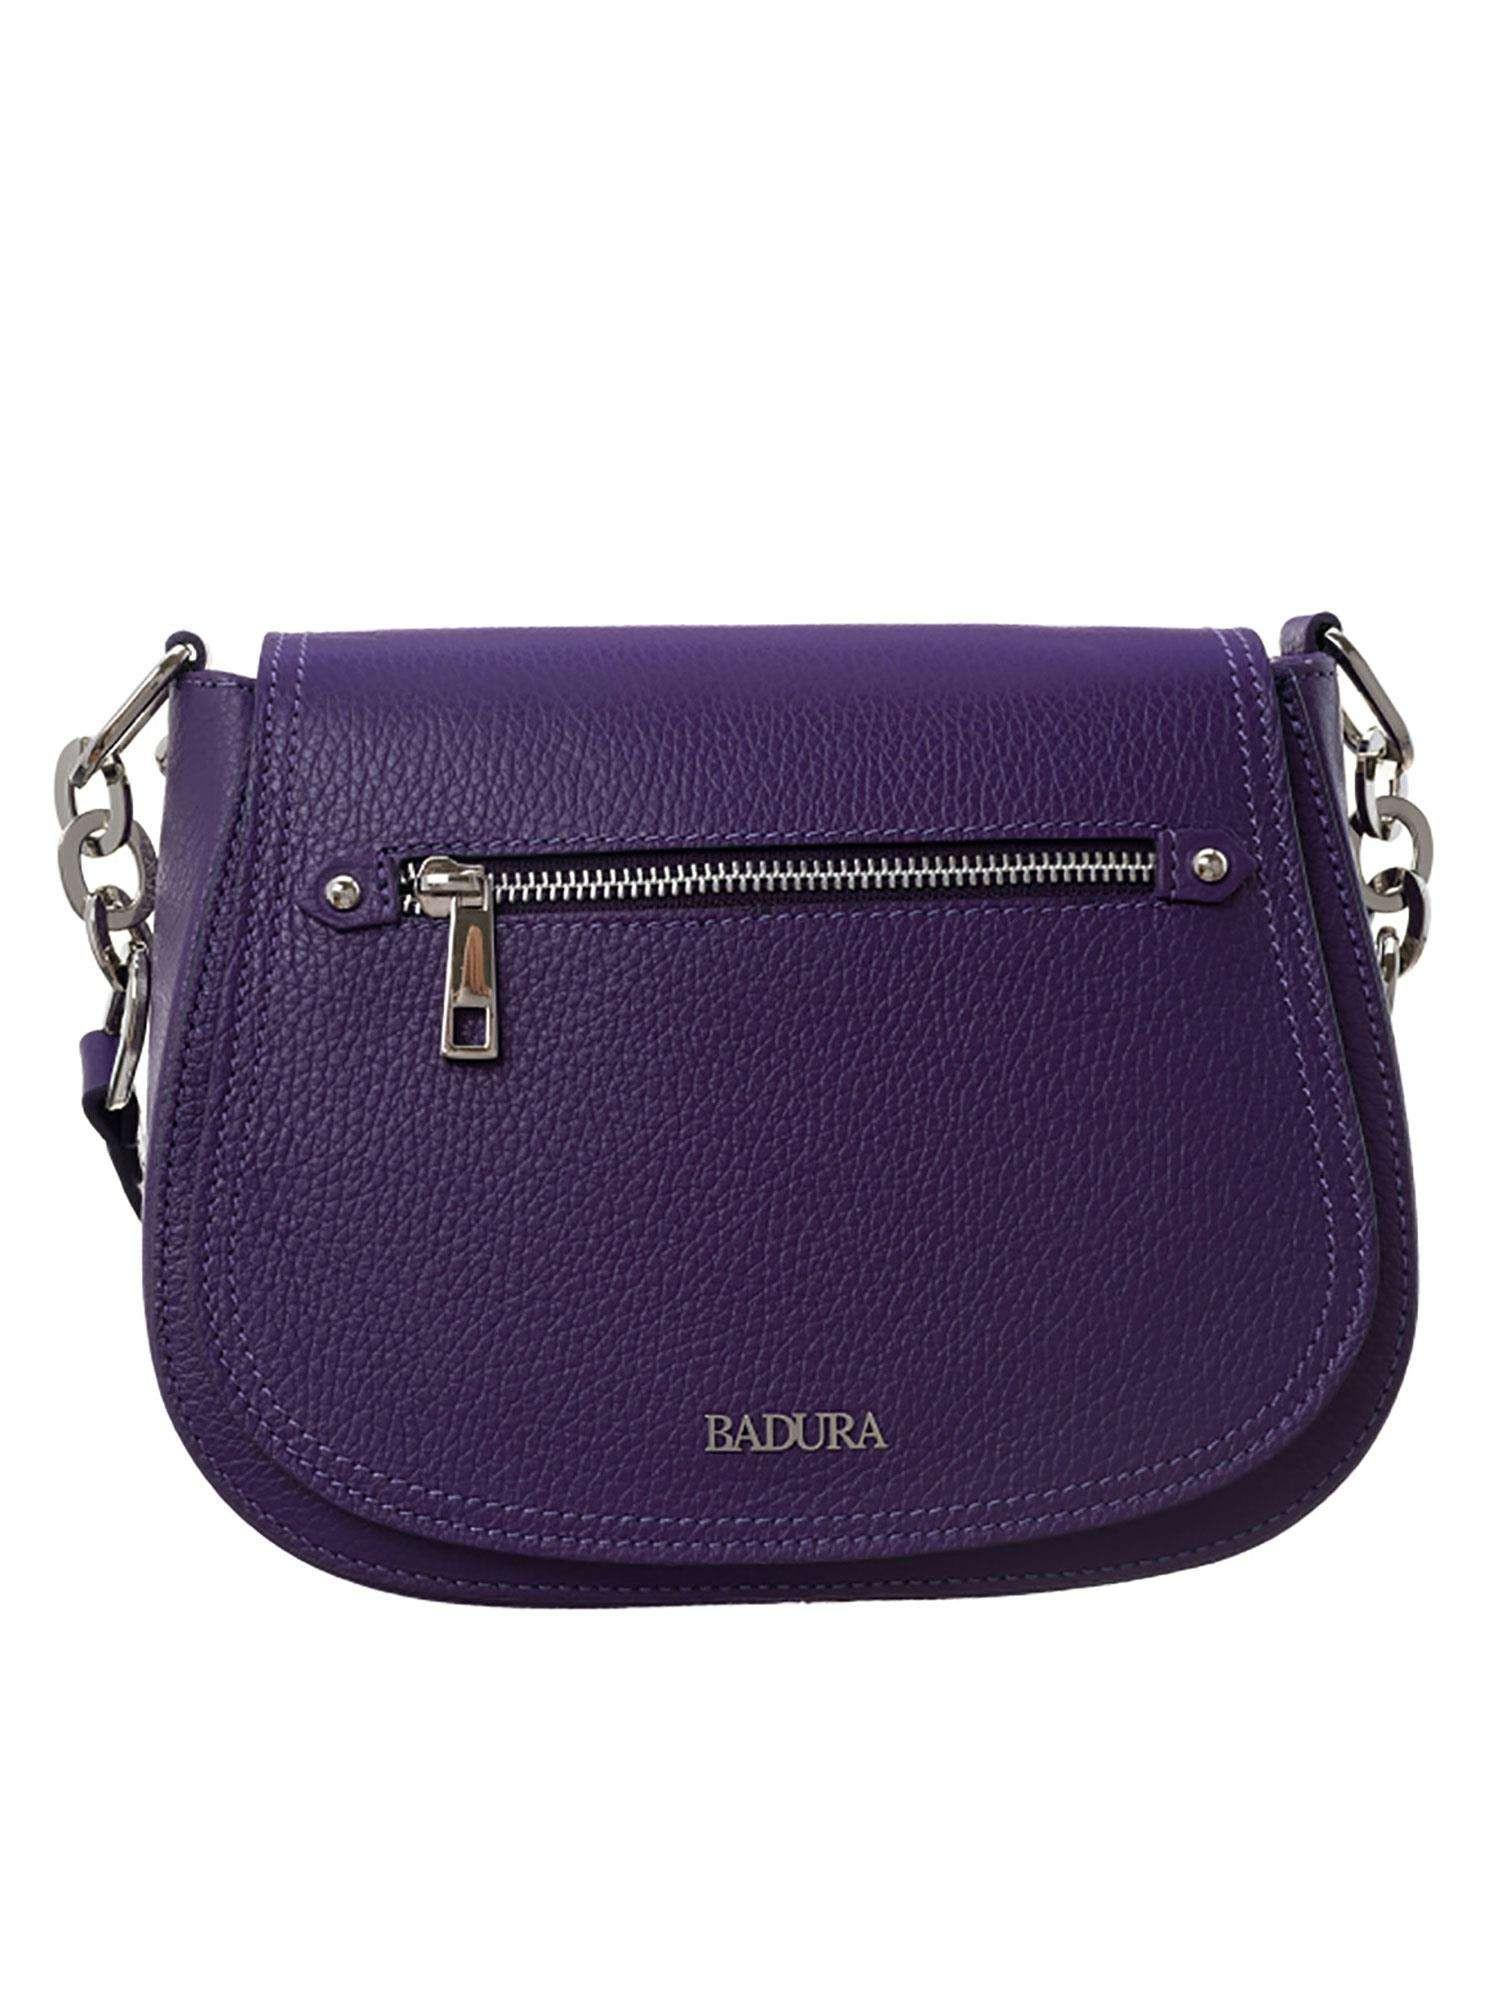 Dámska fialová kožená kabelka BADURA ONE SIZE